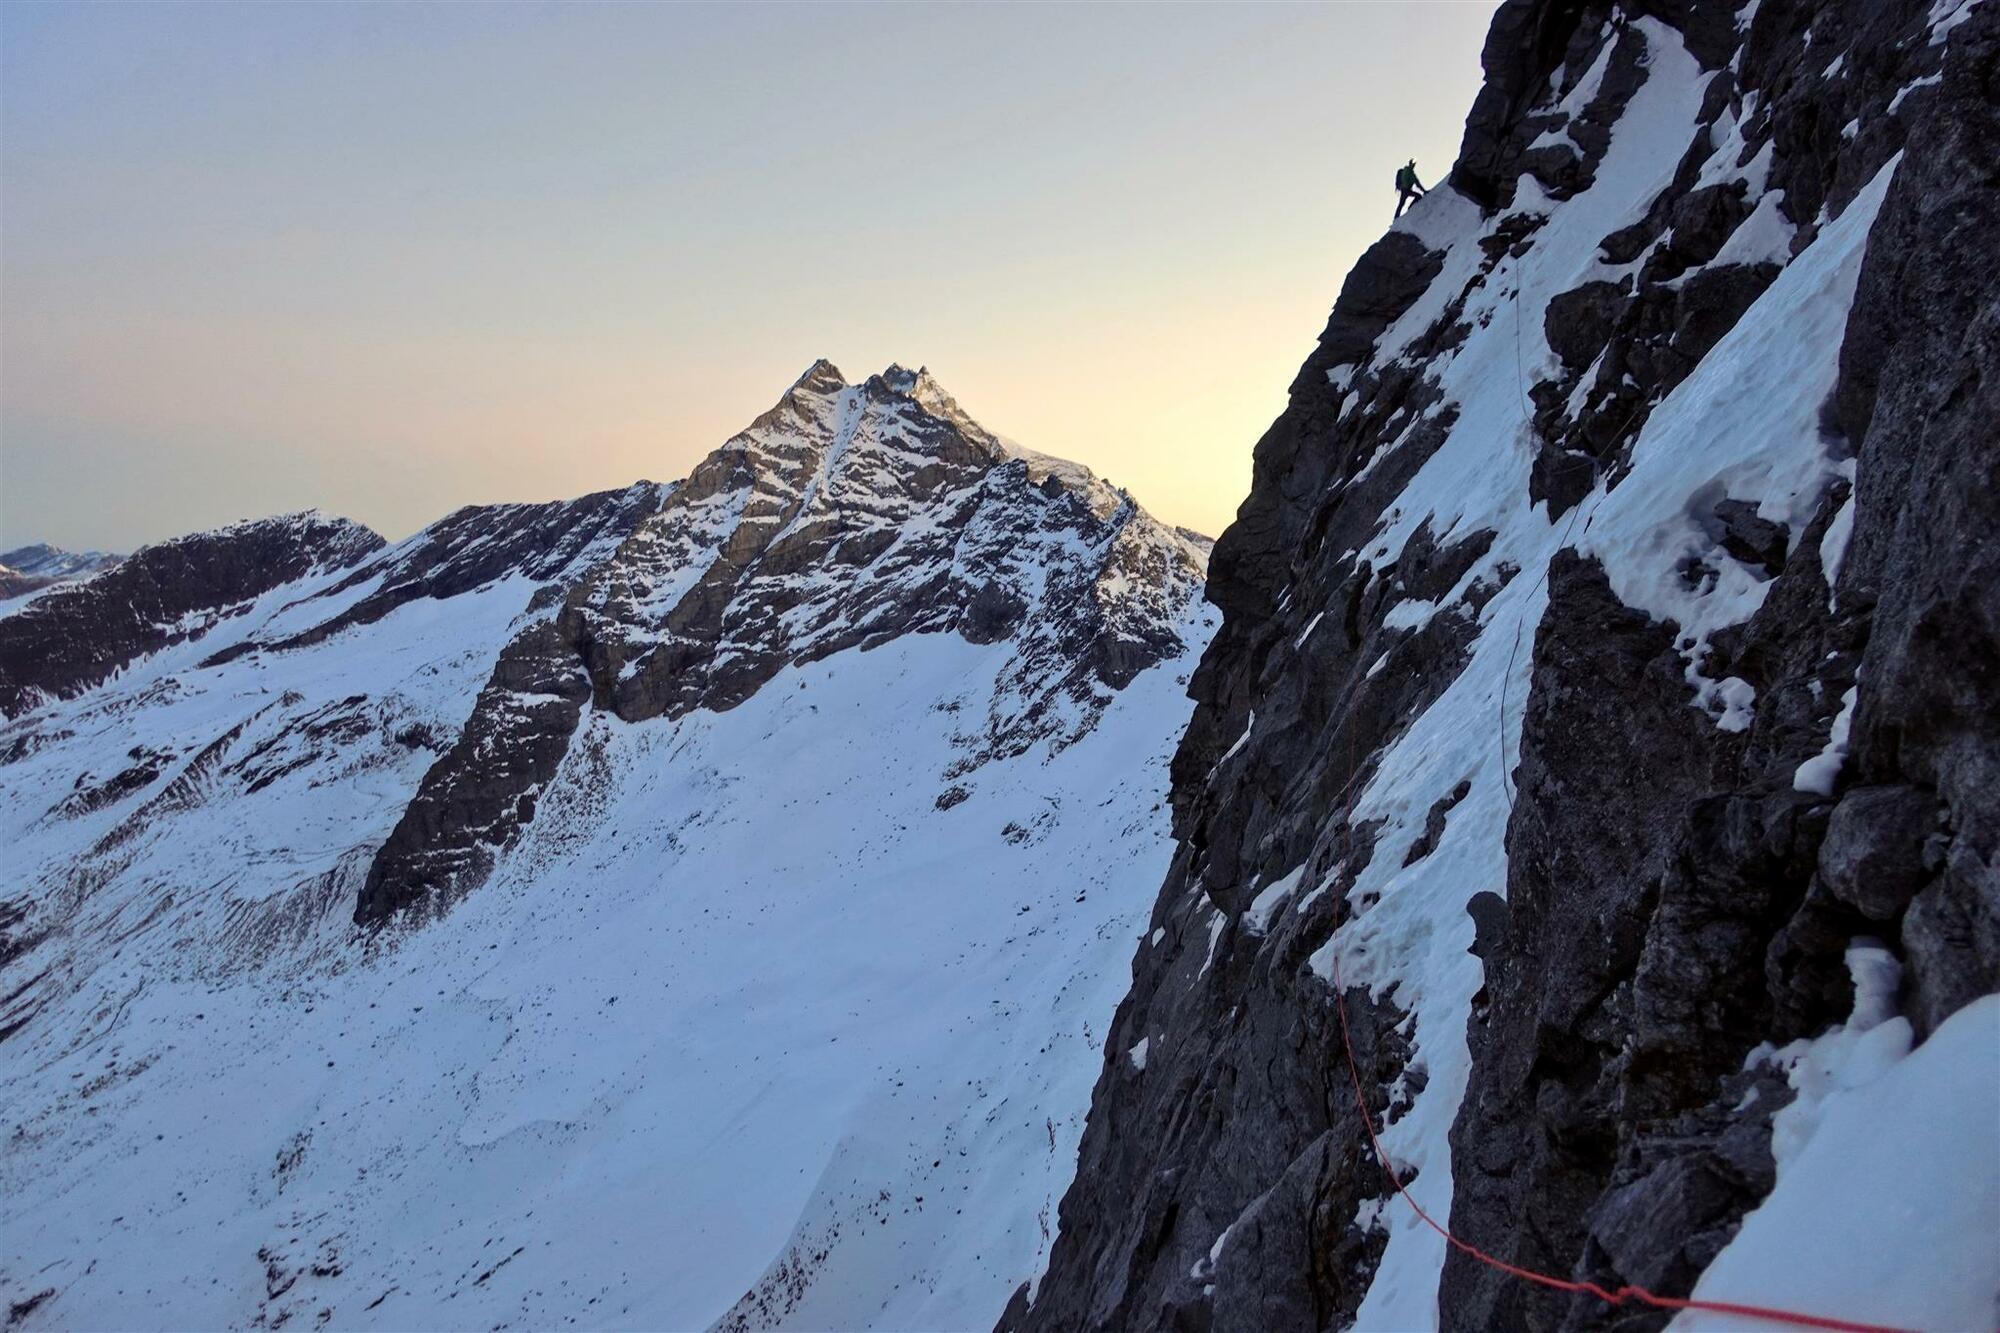 Luka Lindič und Ines Papert gelingt Erstbegehung an der Sagwandspitze Nordwand